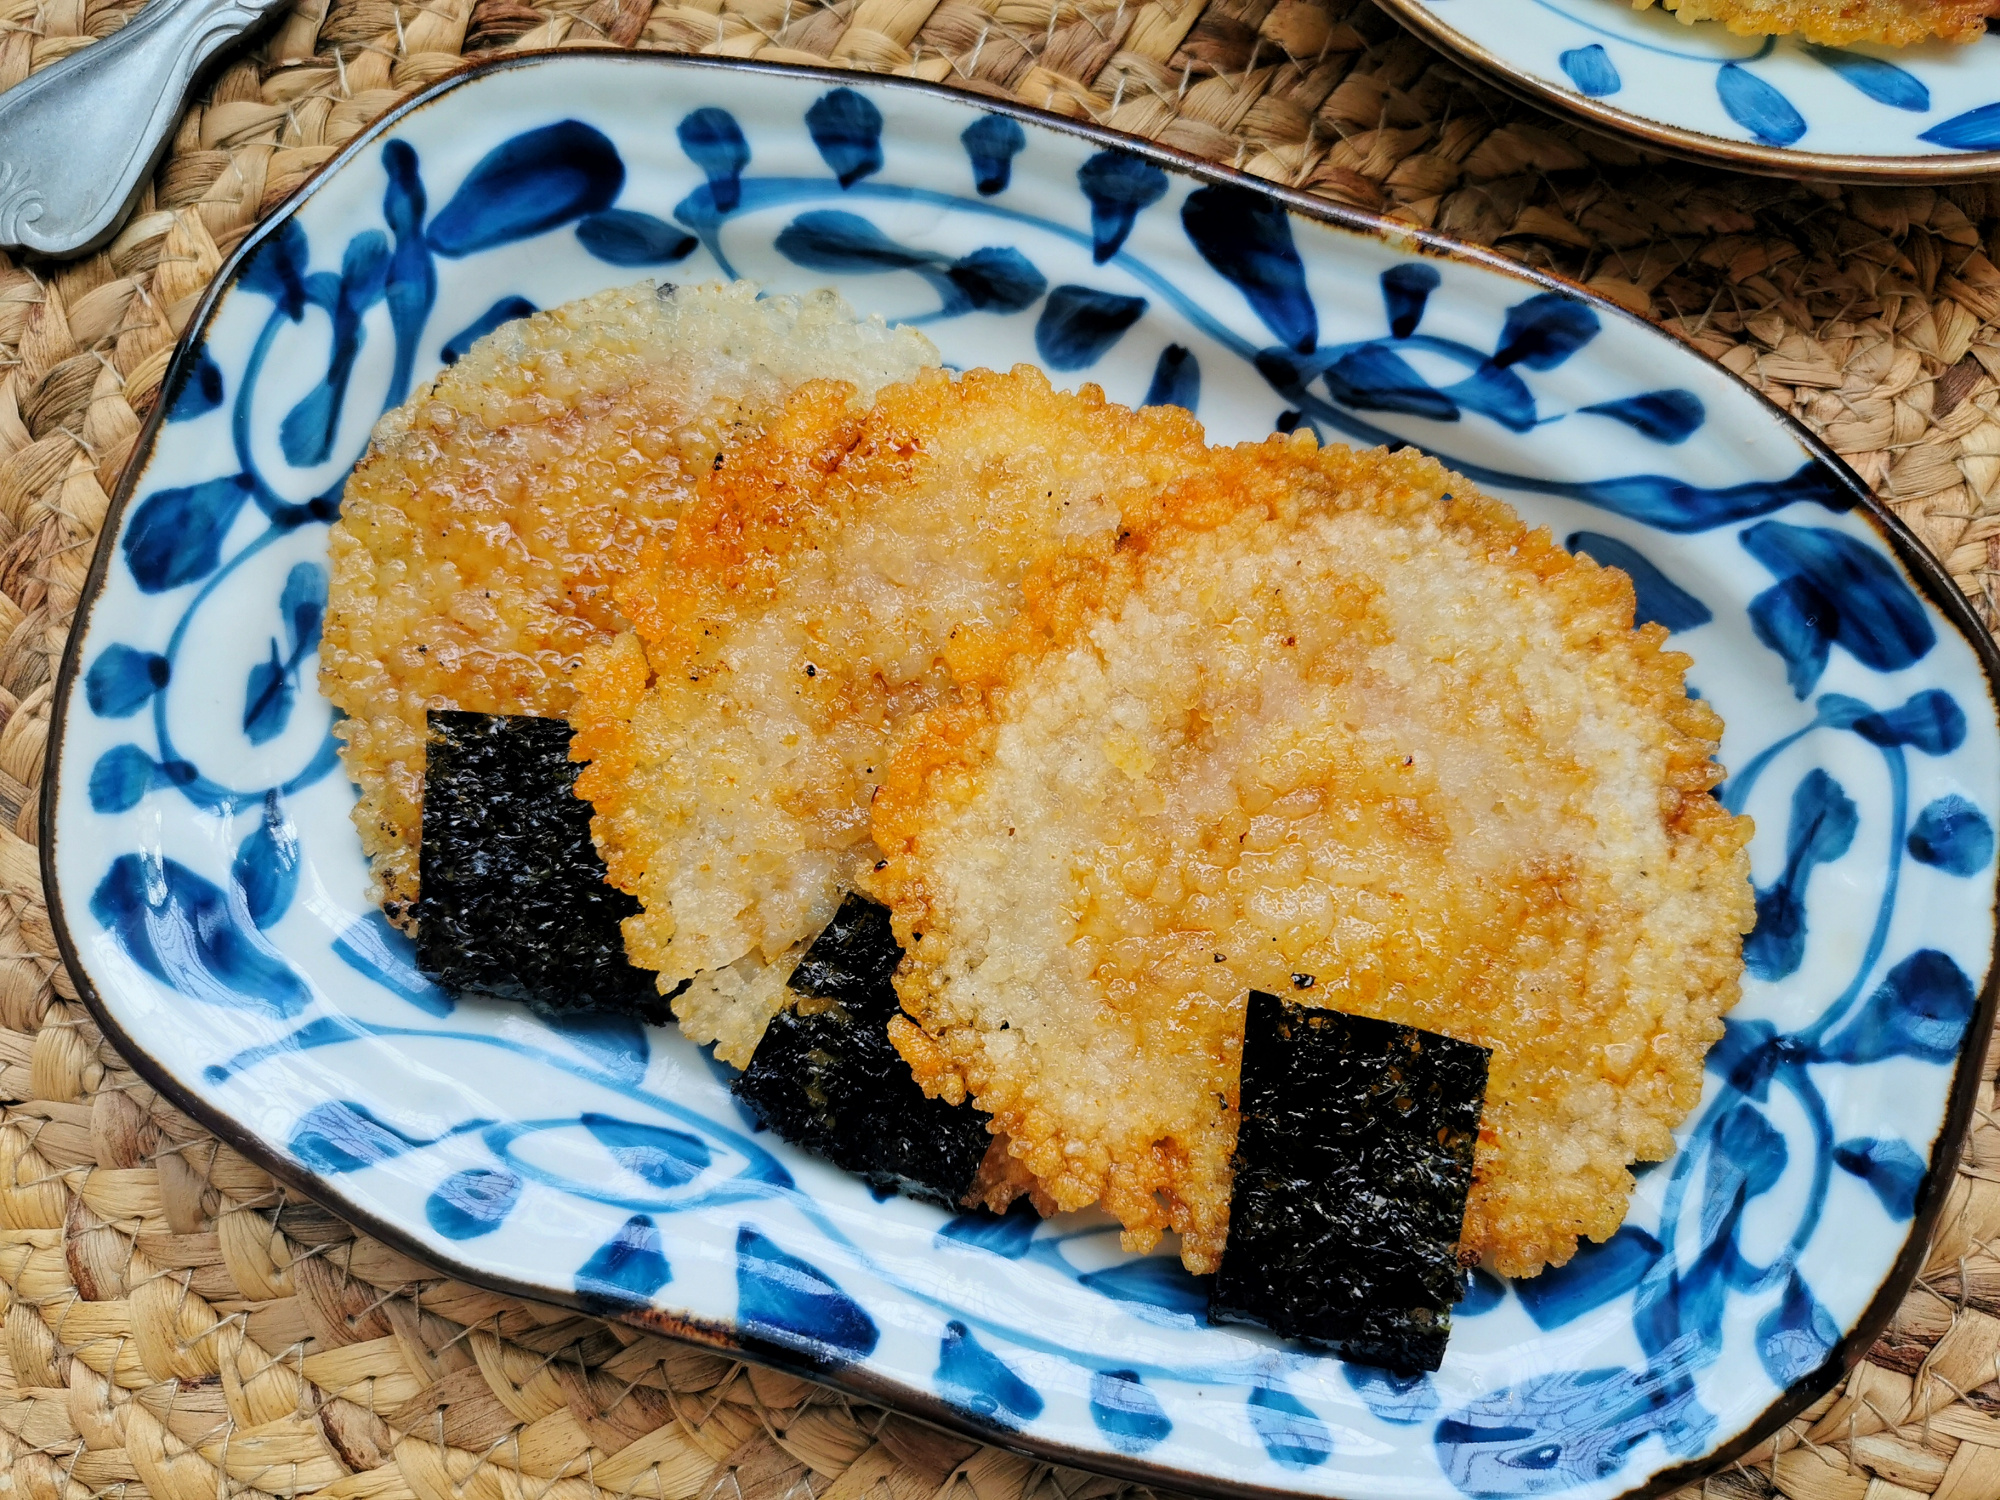 自从米饭这样做,孩子三天两头点名要吃,咯嘣儿脆,成本2块钱